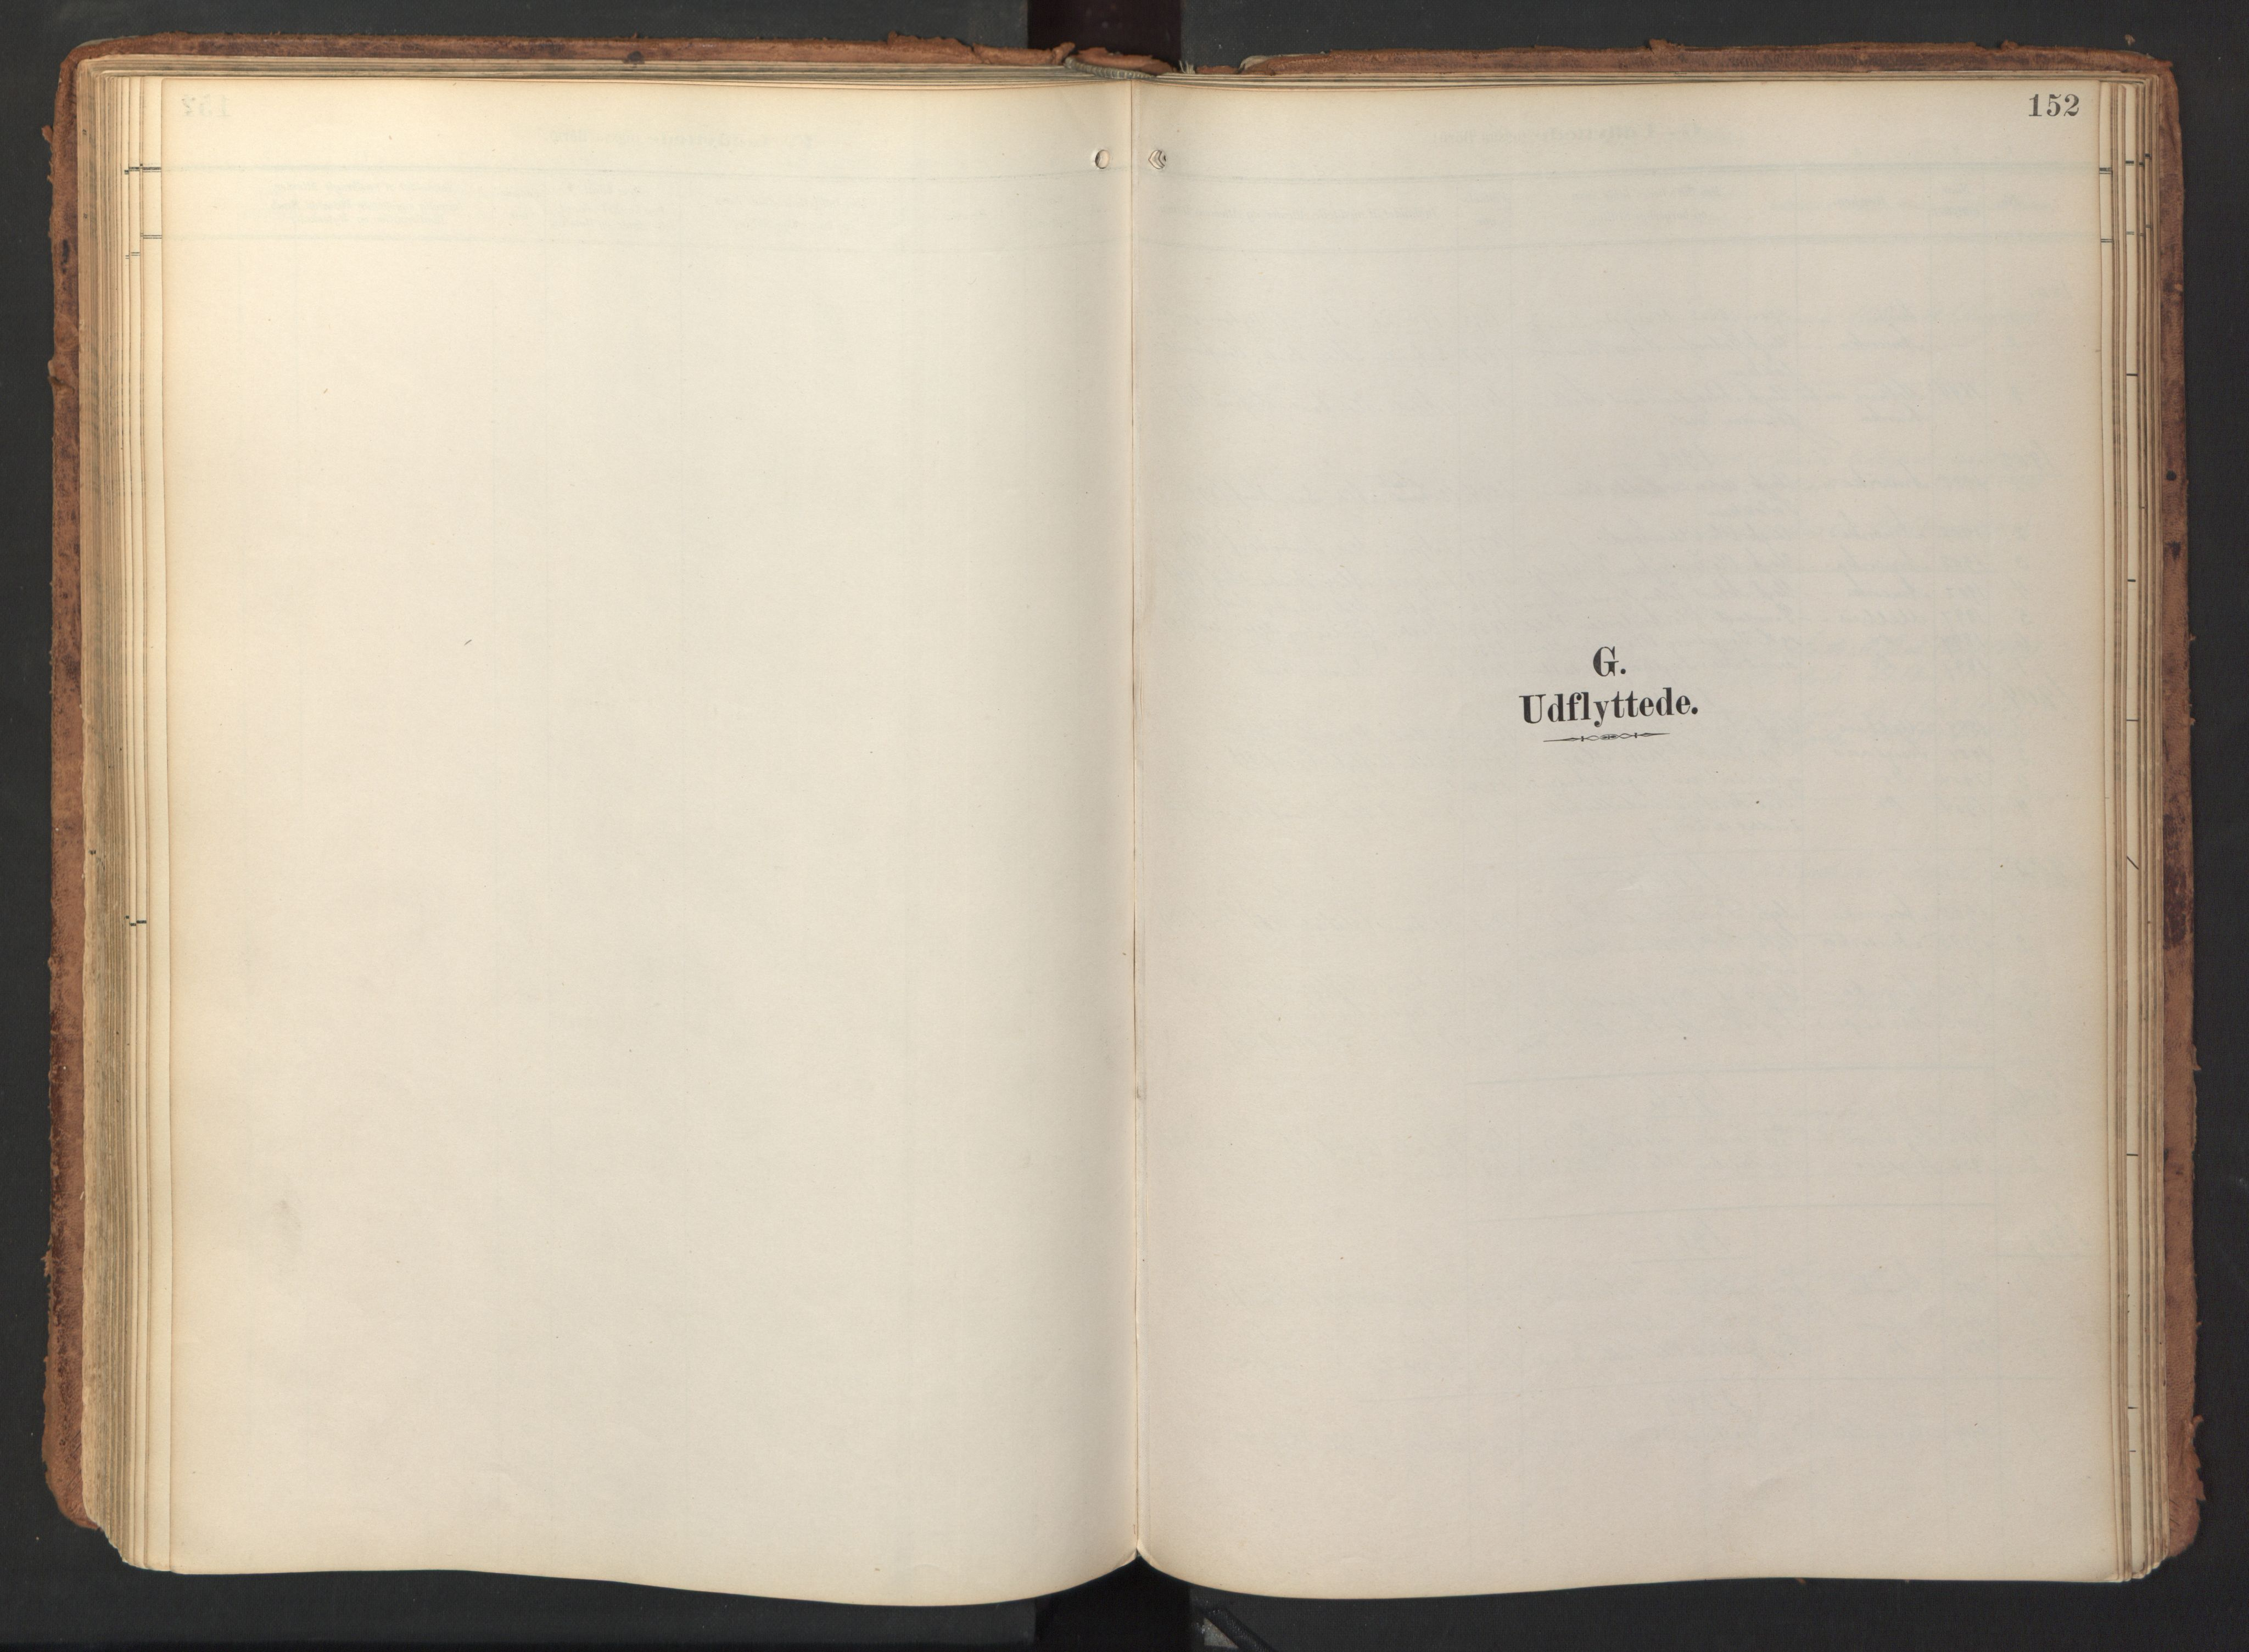 SAT, Ministerialprotokoller, klokkerbøker og fødselsregistre - Sør-Trøndelag, 690/L1050: Ministerialbok nr. 690A01, 1889-1929, s. 152